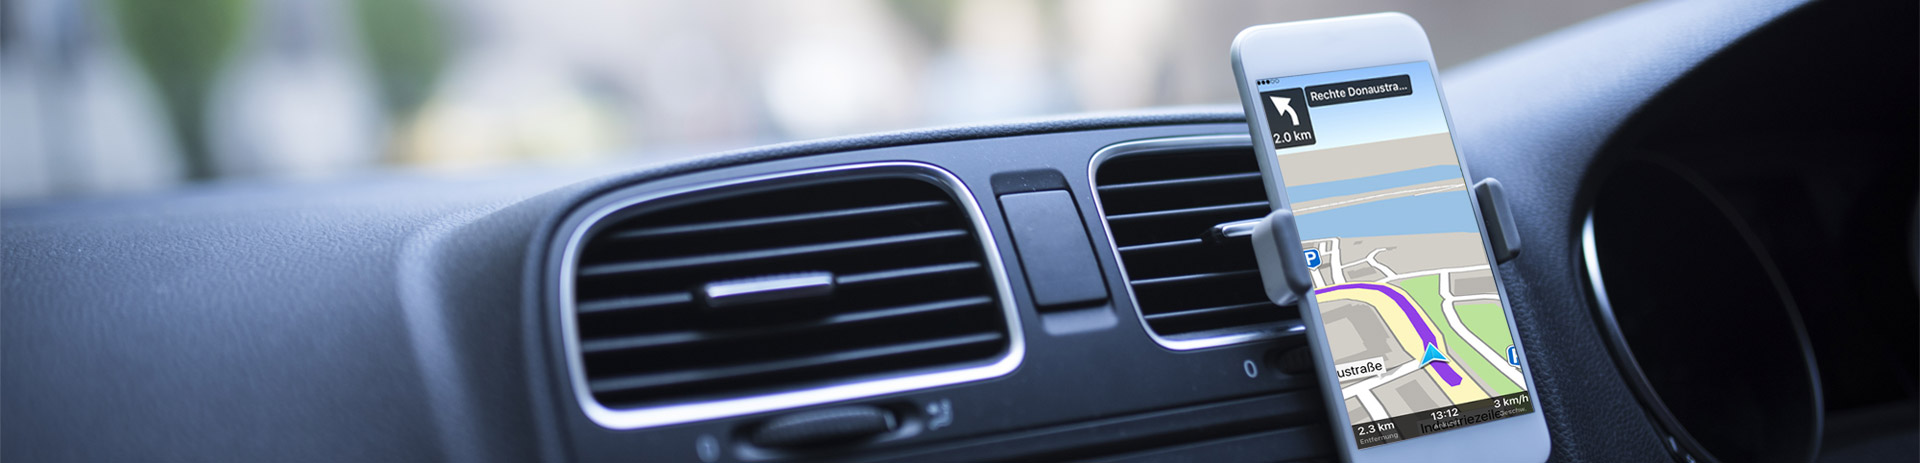 Smartphone mit A1 Navi, am Armaturenbrett eines Autos